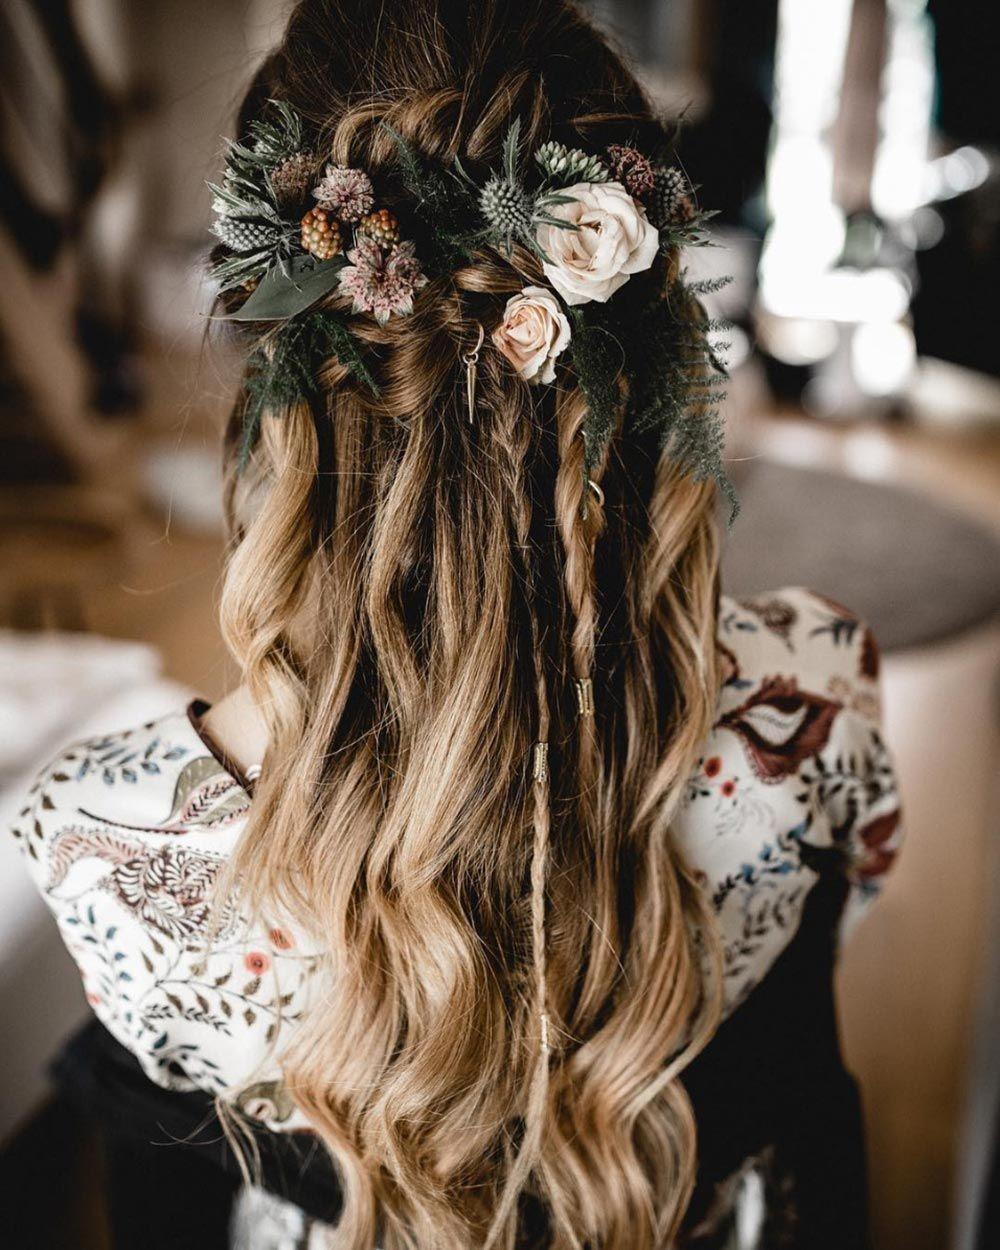 28 Braided Wedding Hairstyles For Long Hair Boho Frisuren Hochzeitsfrisuren Und Haare Hochzeit